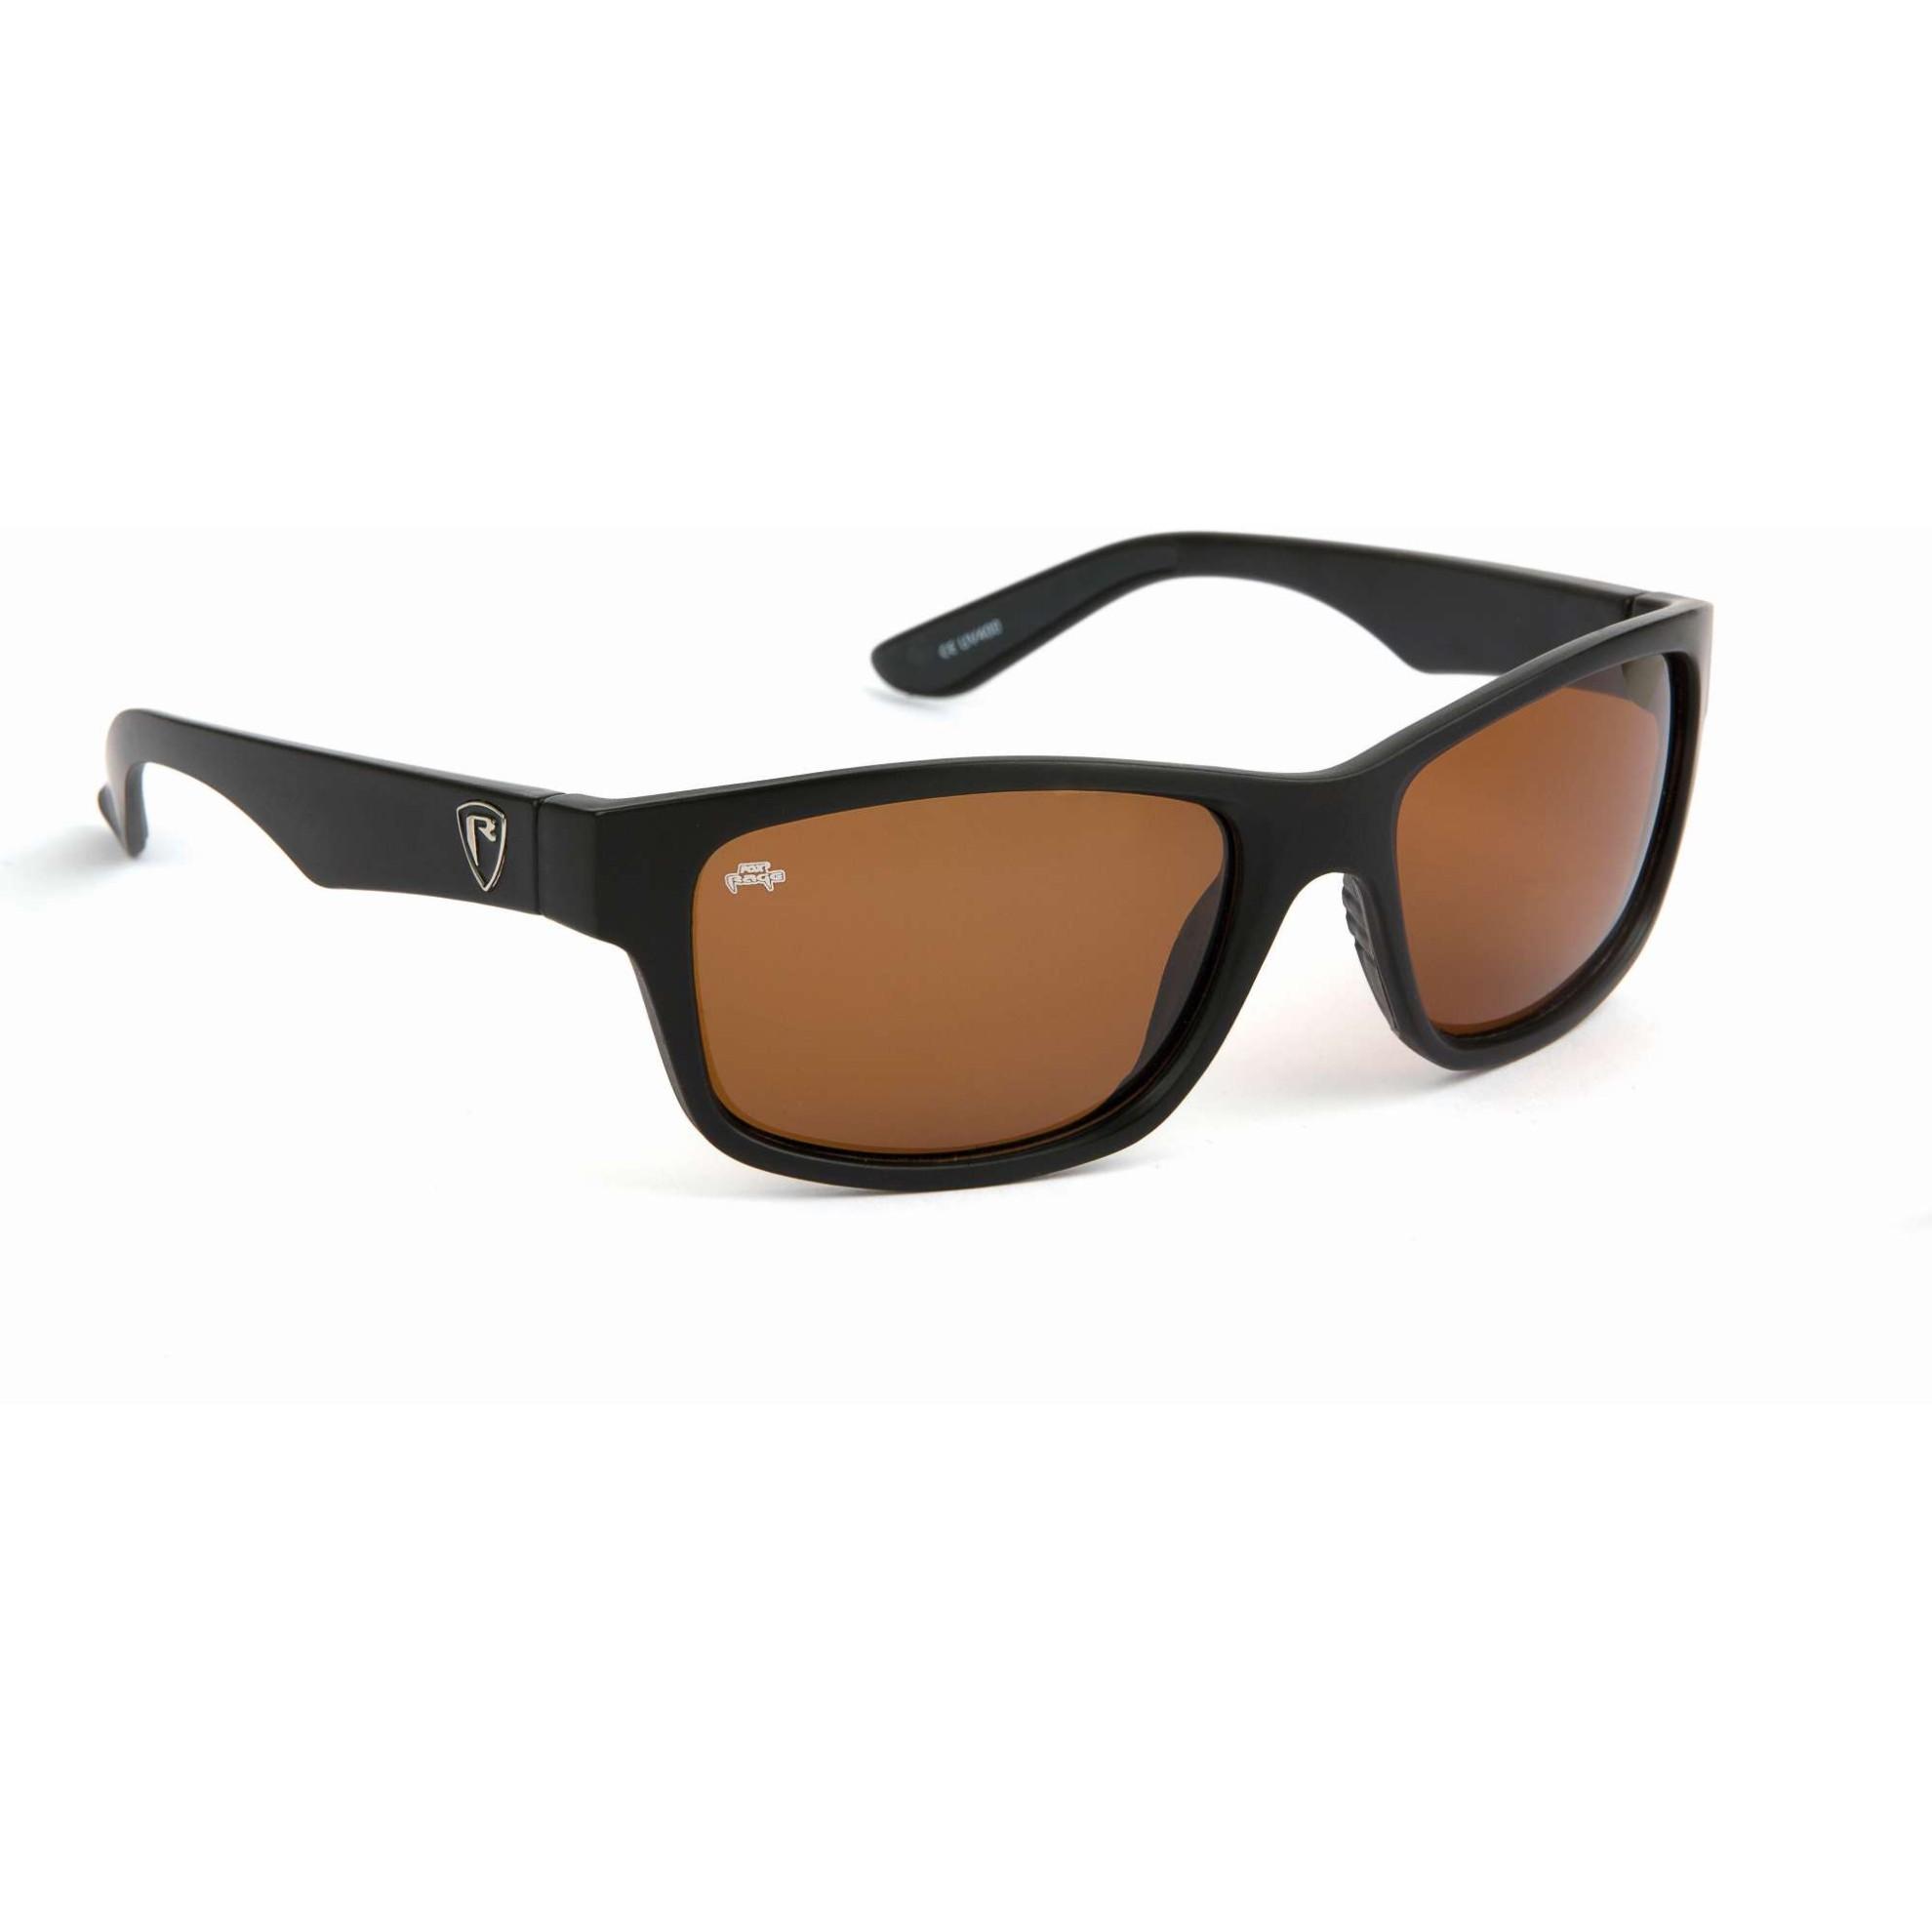 2746fb097 Fox Rage Eyewear Matt Black / Brown Lens, Fishingtackle24 - Angelbedarf  Angelruten Angelbekleidung Angelzubehör Kunstköder Angeltaschen Angelzelt  ...